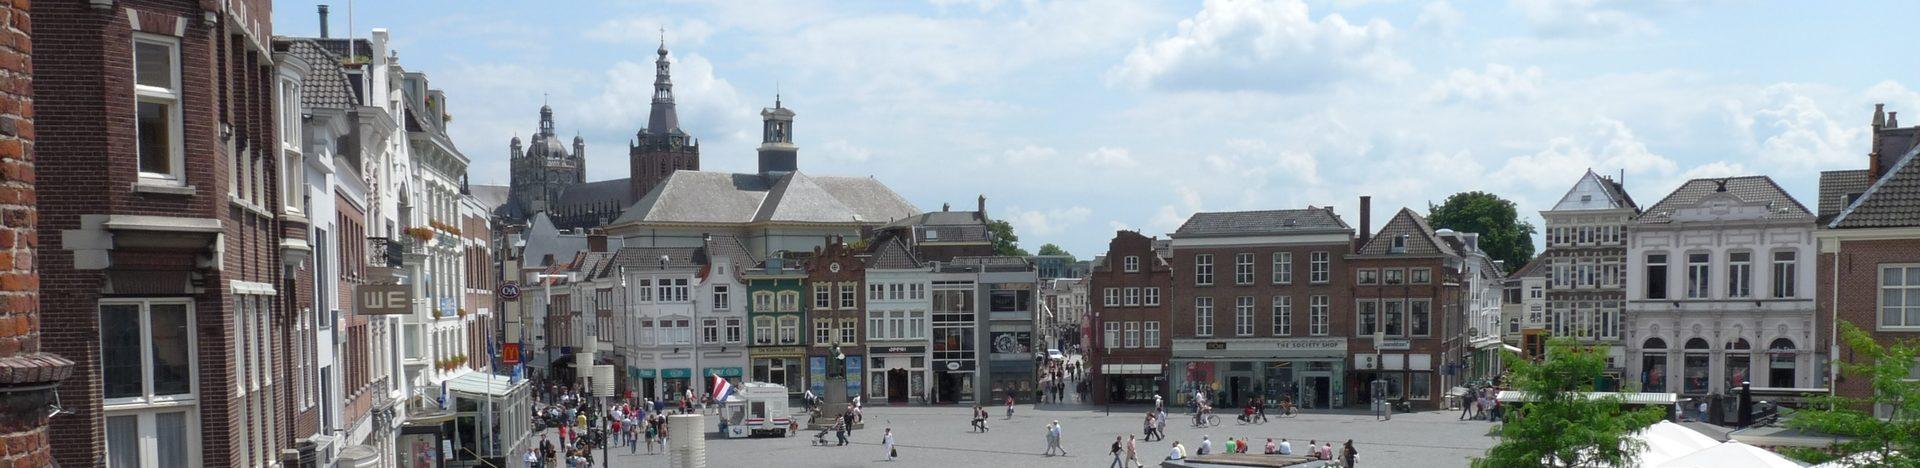 Stedelijk huurders platform 's-Hertogenbosch